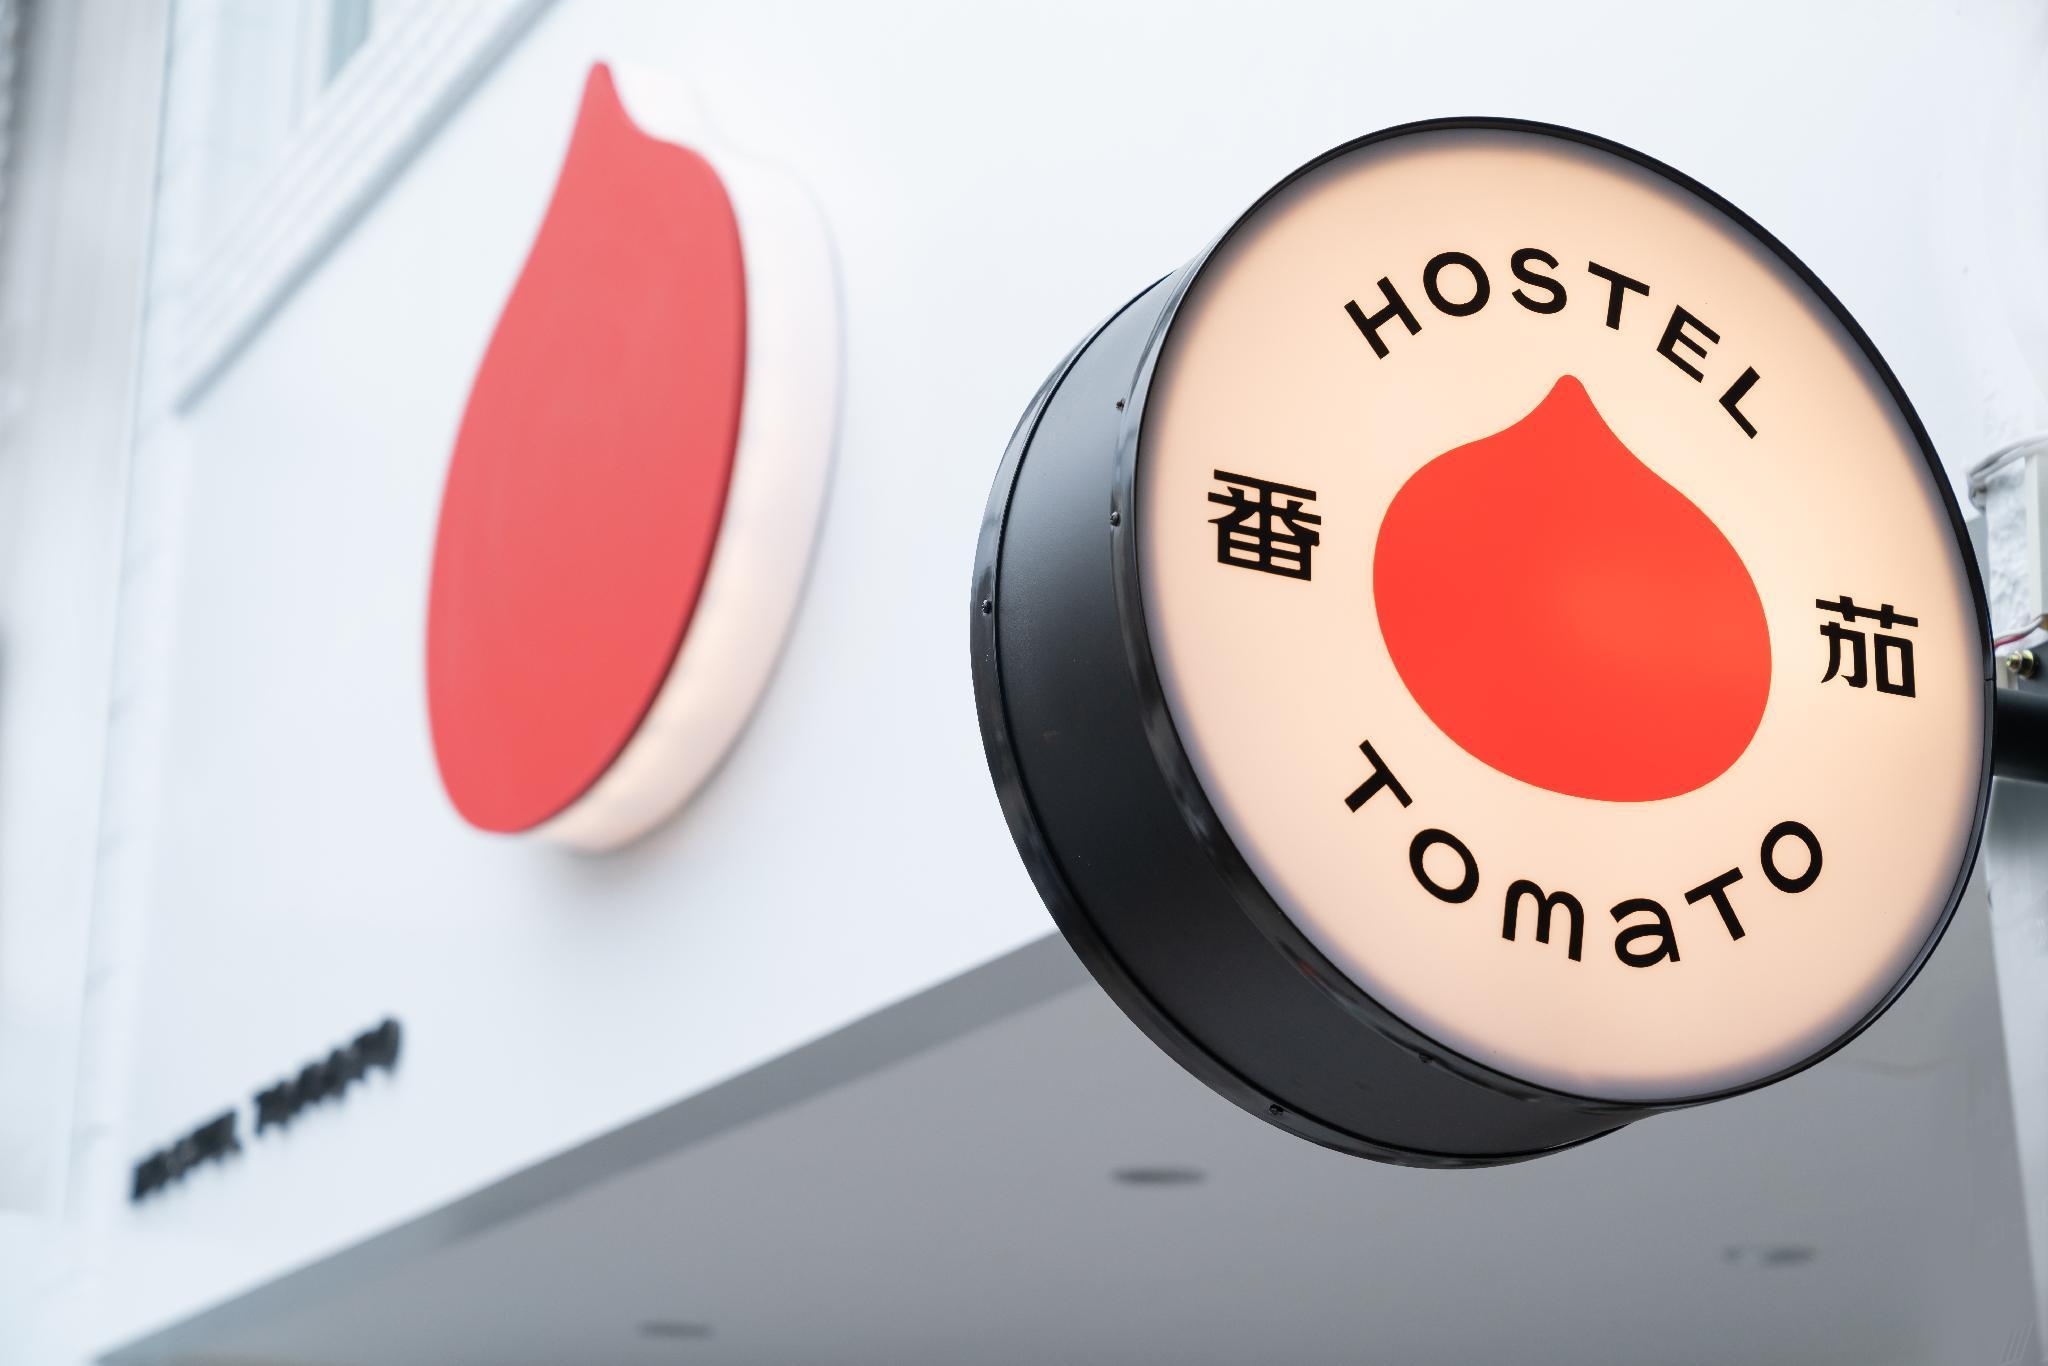 Hostel Tomato